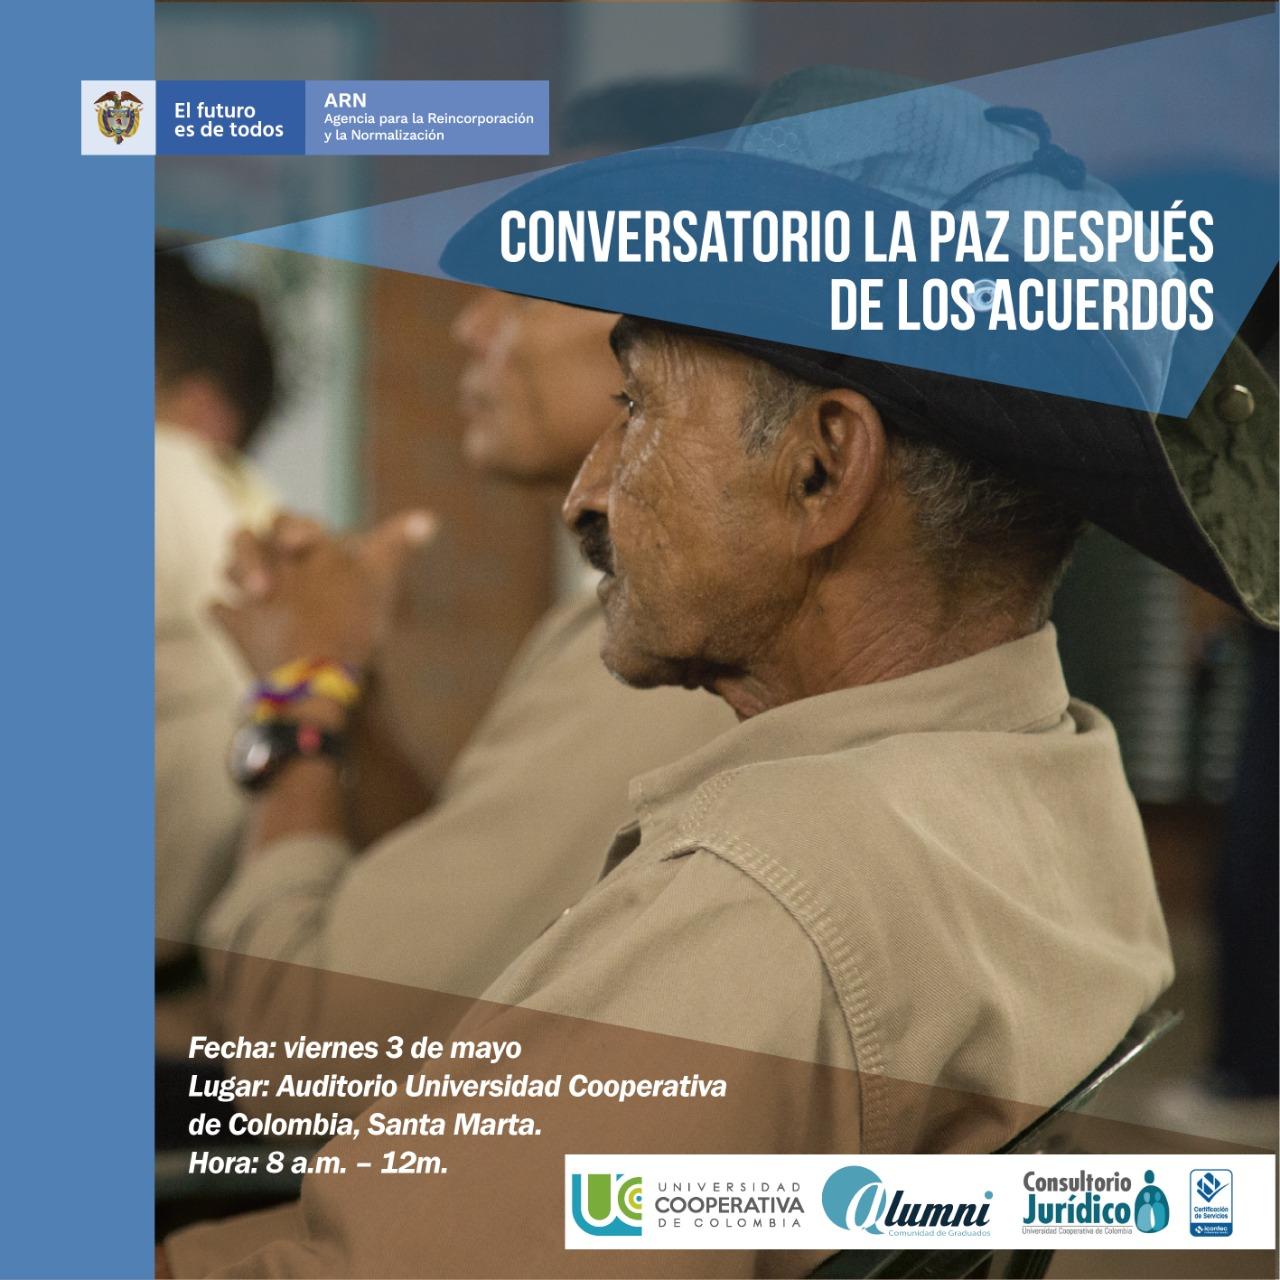 Conversatorio sobre la paz